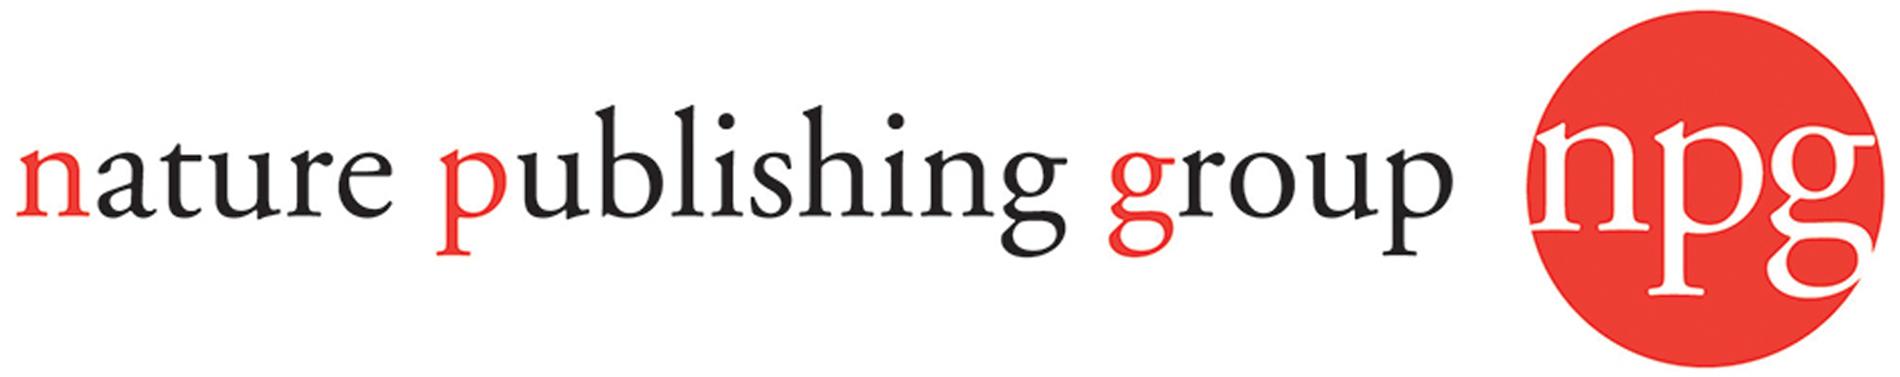 NPG - Nature Publishing Group